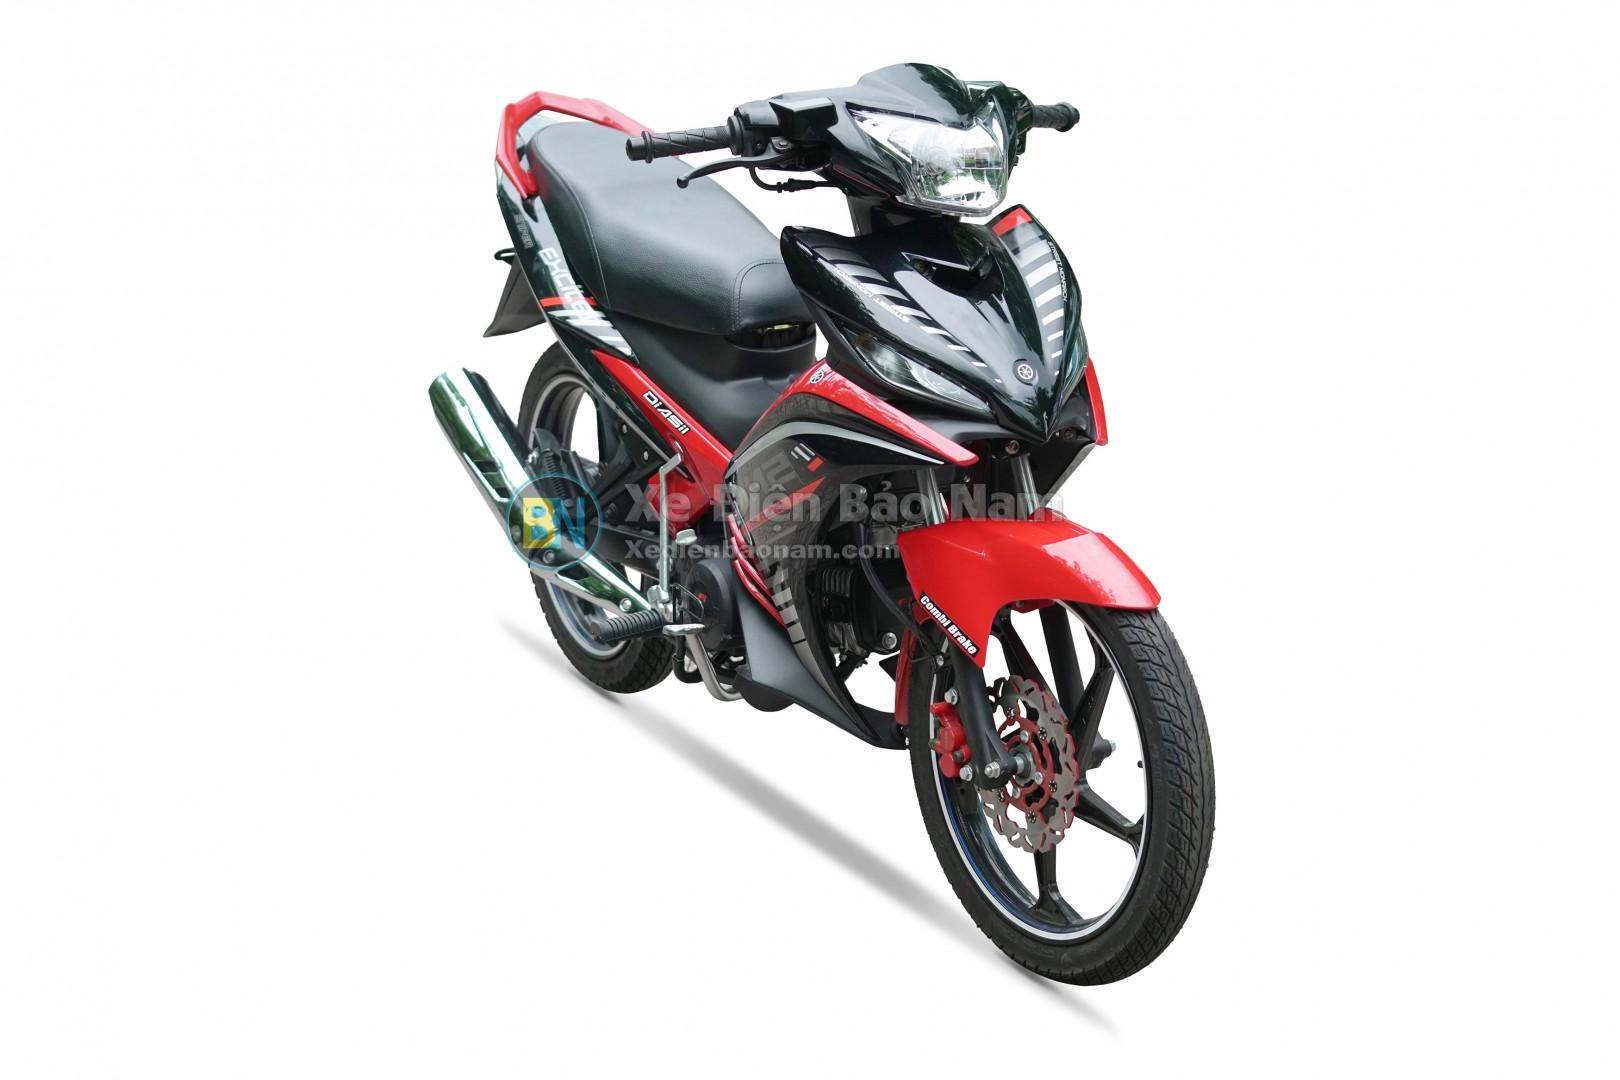 xe-may-exciter-50cc-xedienbaonam(6)